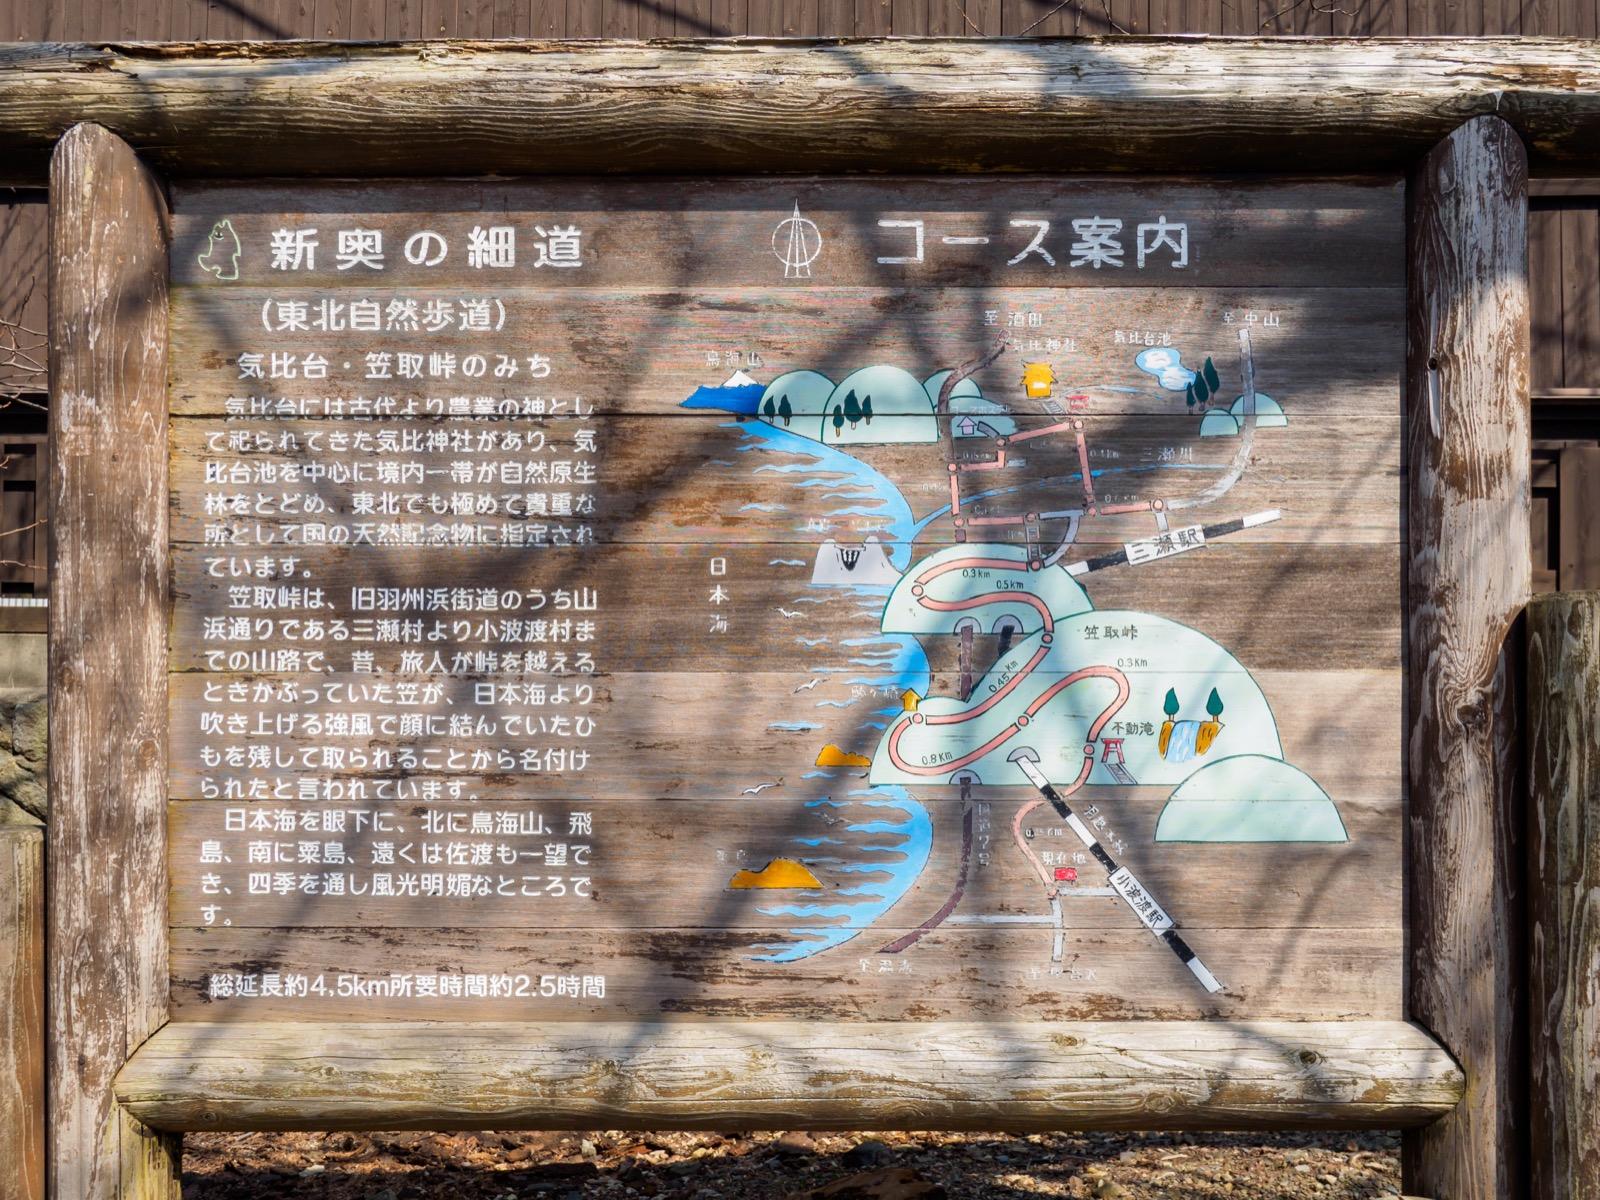 東北自然歩道(新奥の細道)の「気比台・笠取峠のみち」のコース案内